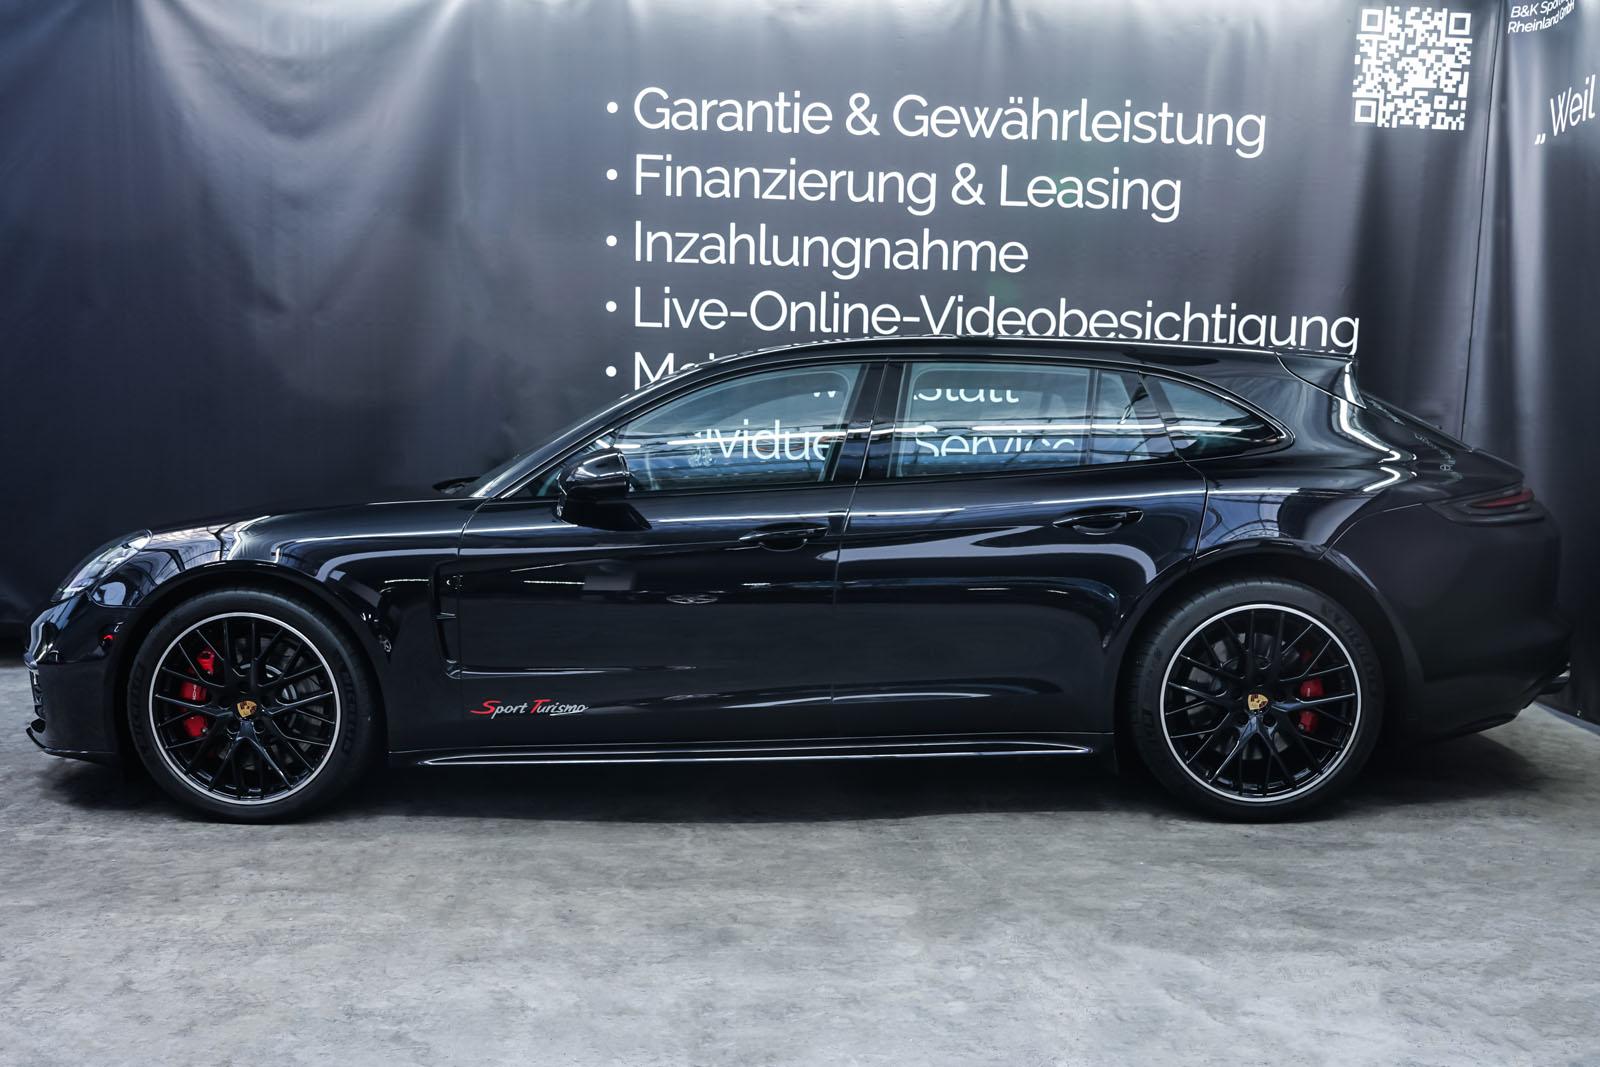 Porsche_Panamera_SportTurismo_Turbo_Schwarz_Schwarz_POR-5145_5_w